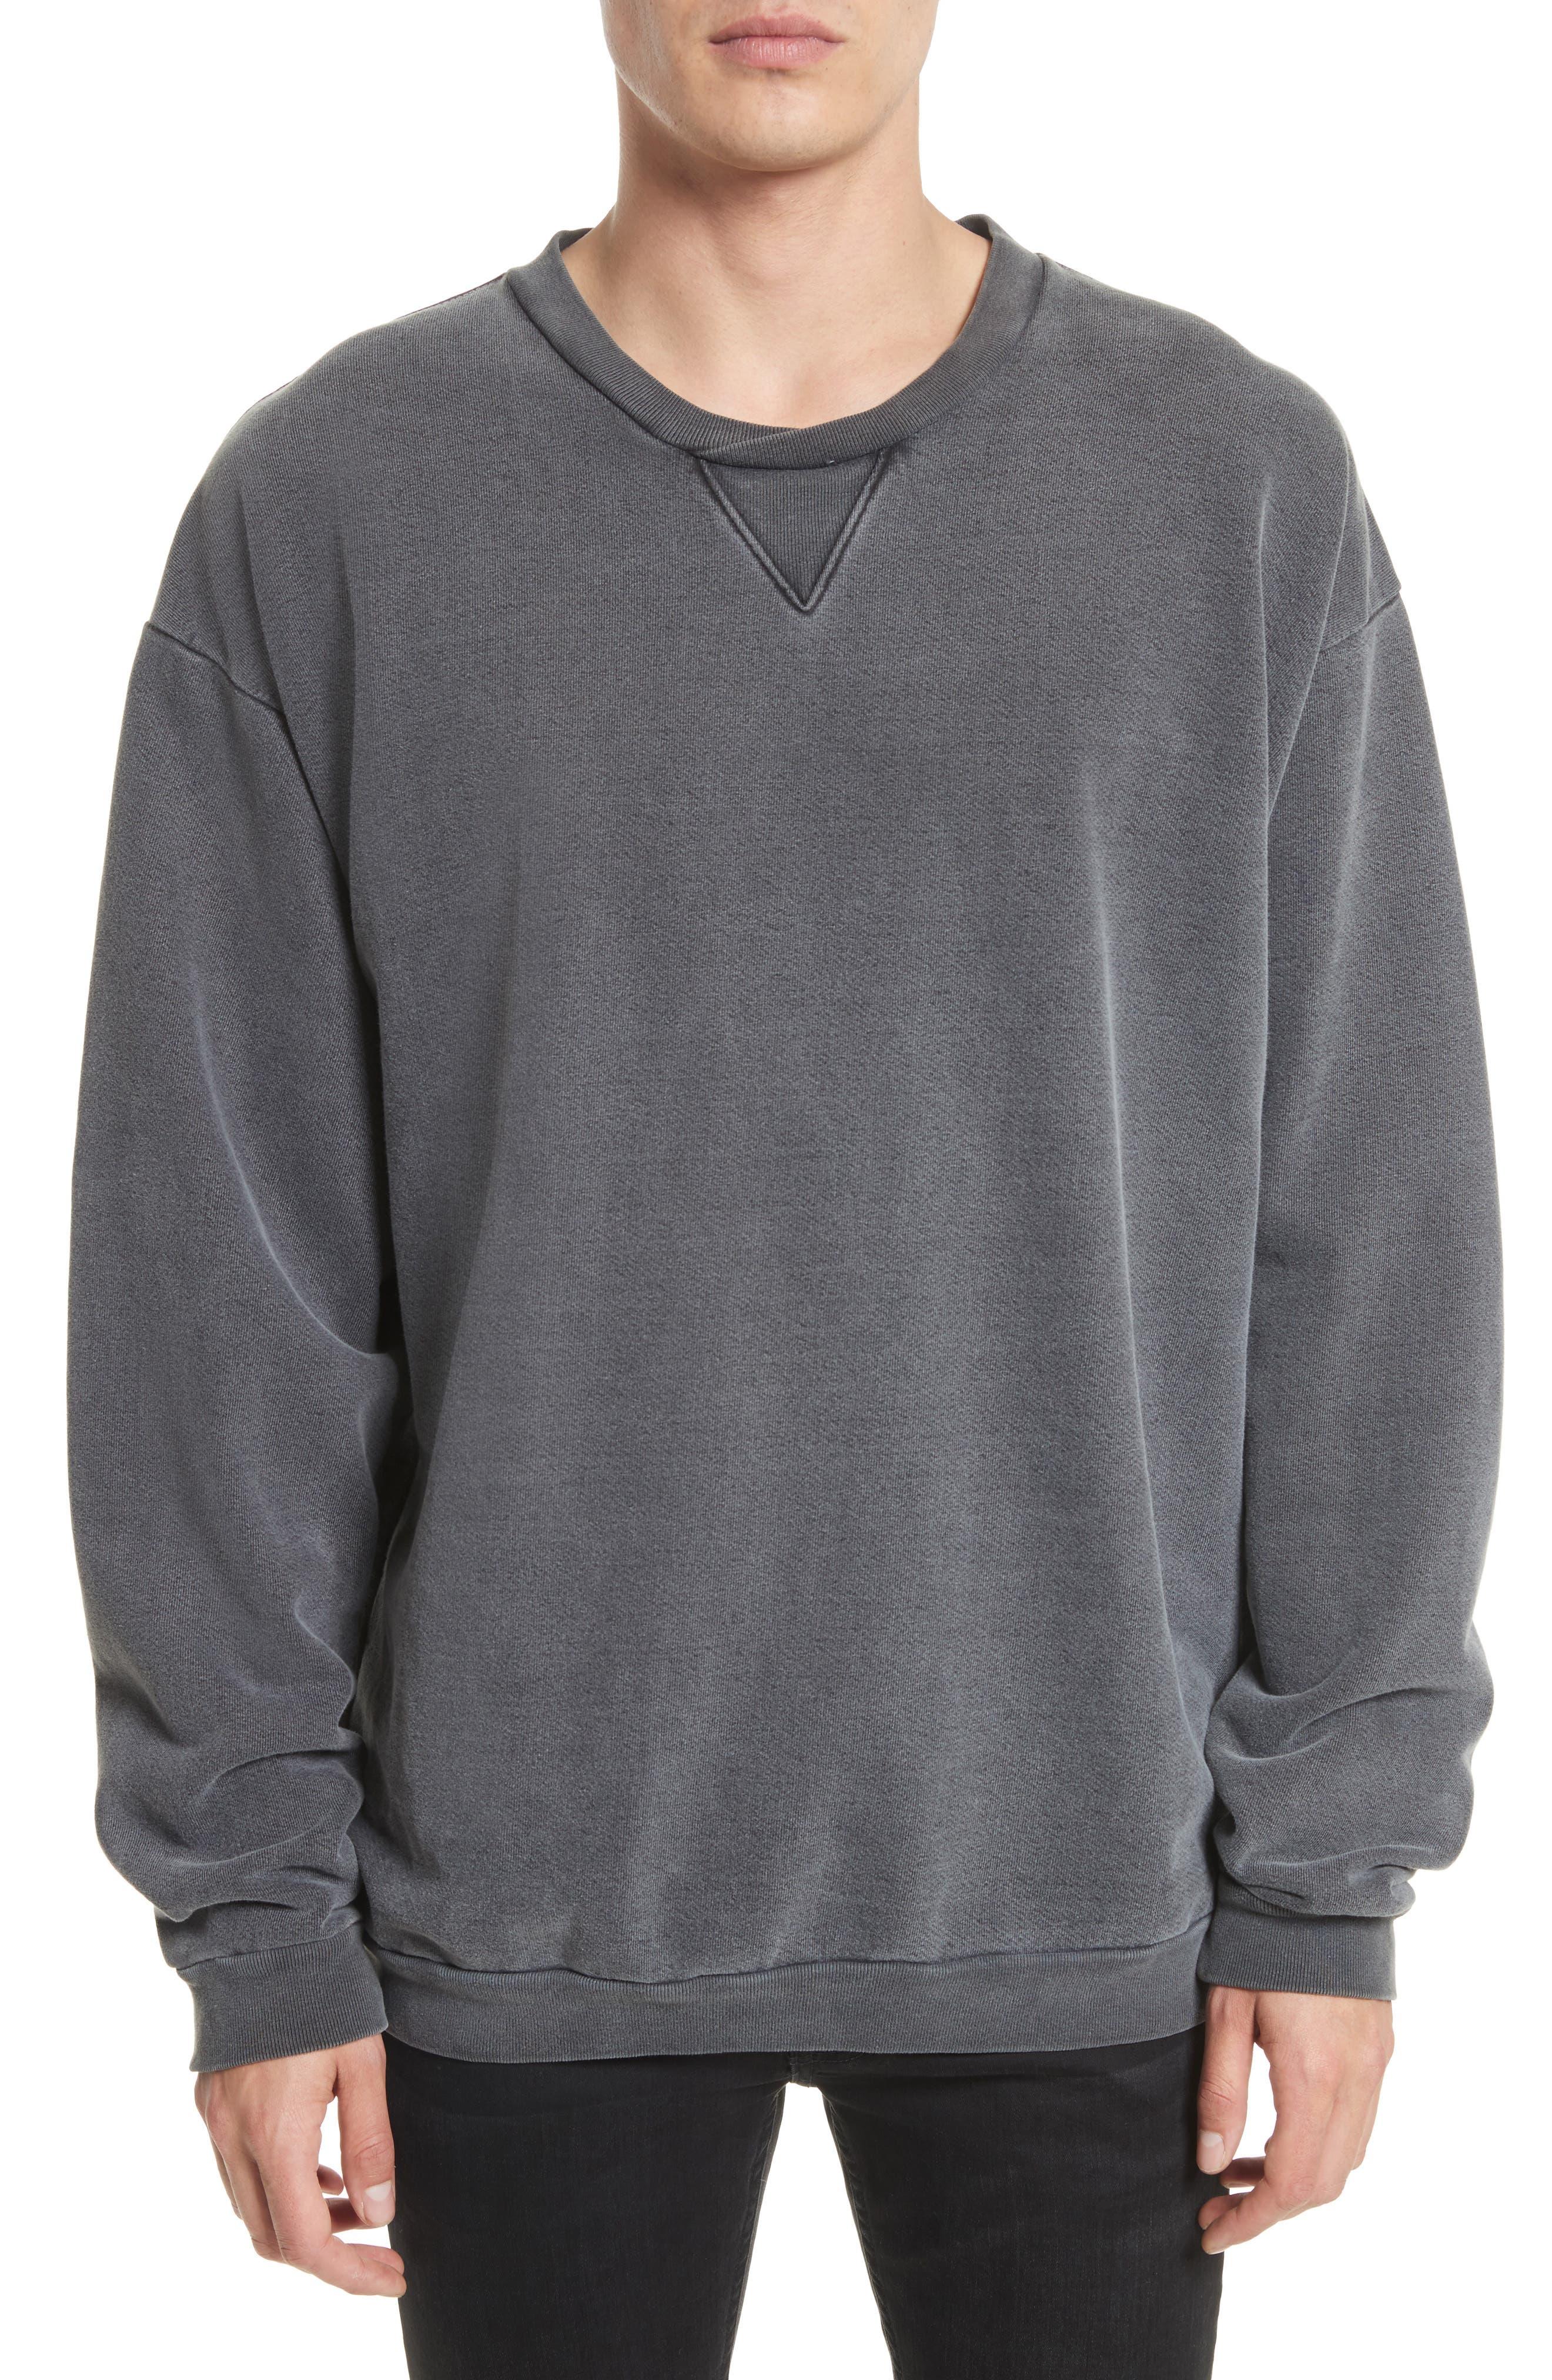 Norton Sweatshirt,                         Main,                         color, 001